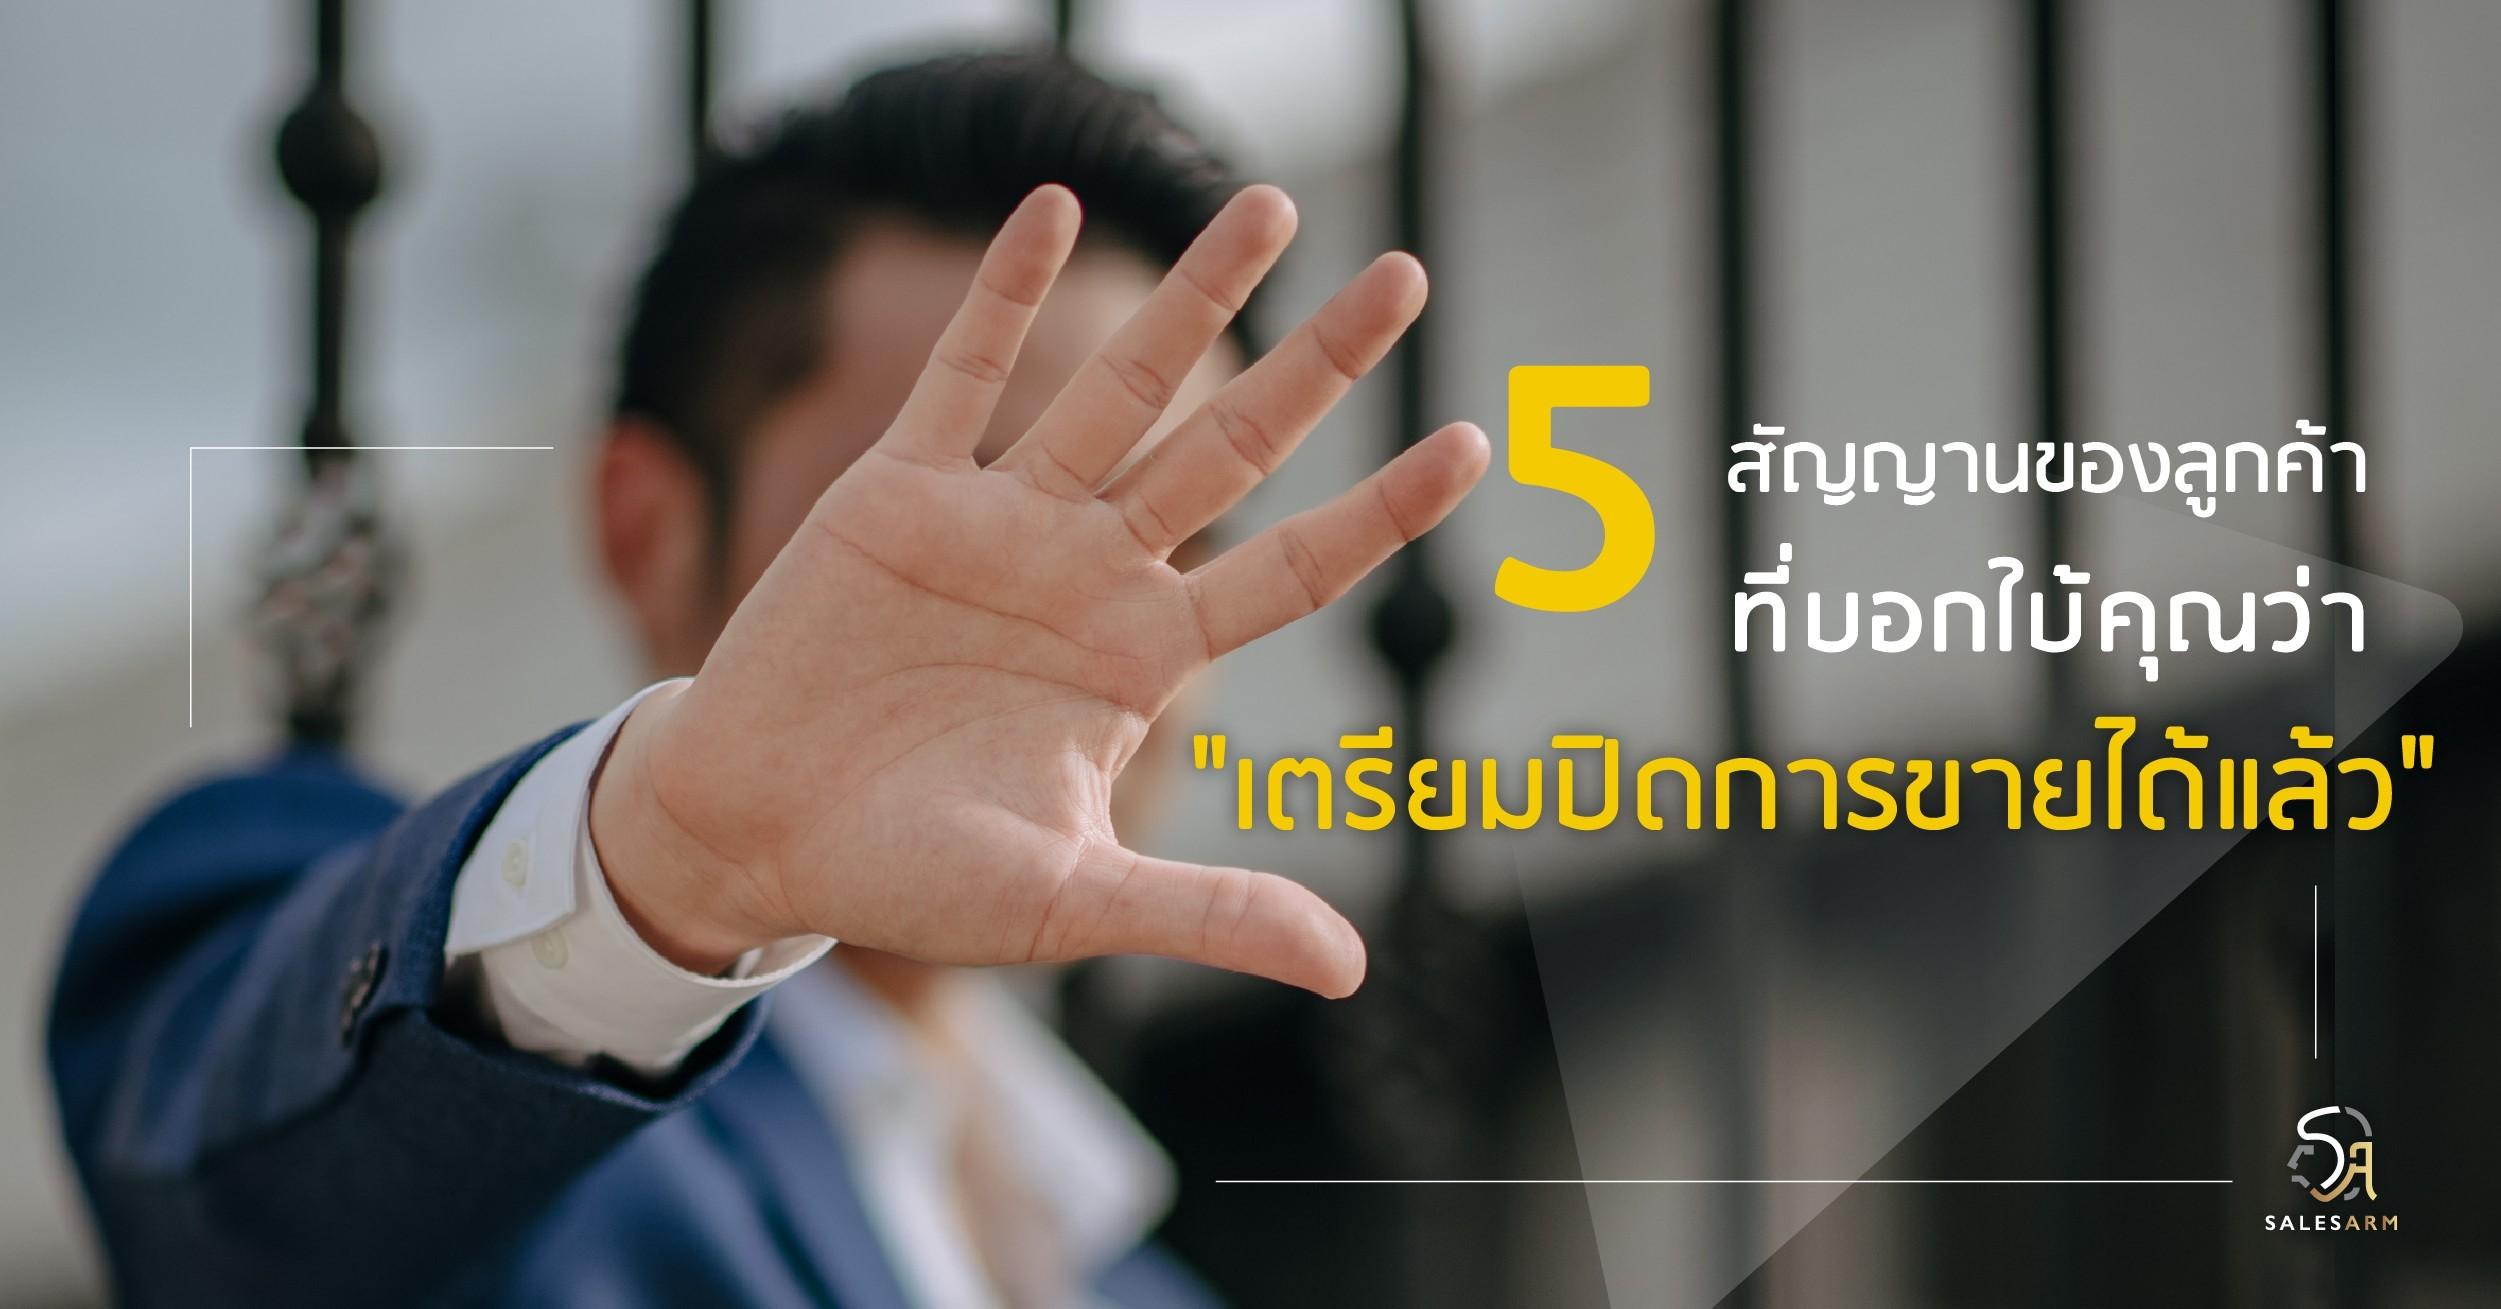 """5 สัญญานของลูกค้า ที่บอกใบ้คุณว่า """"เตรียมปิดการขายได้แล้ว"""""""